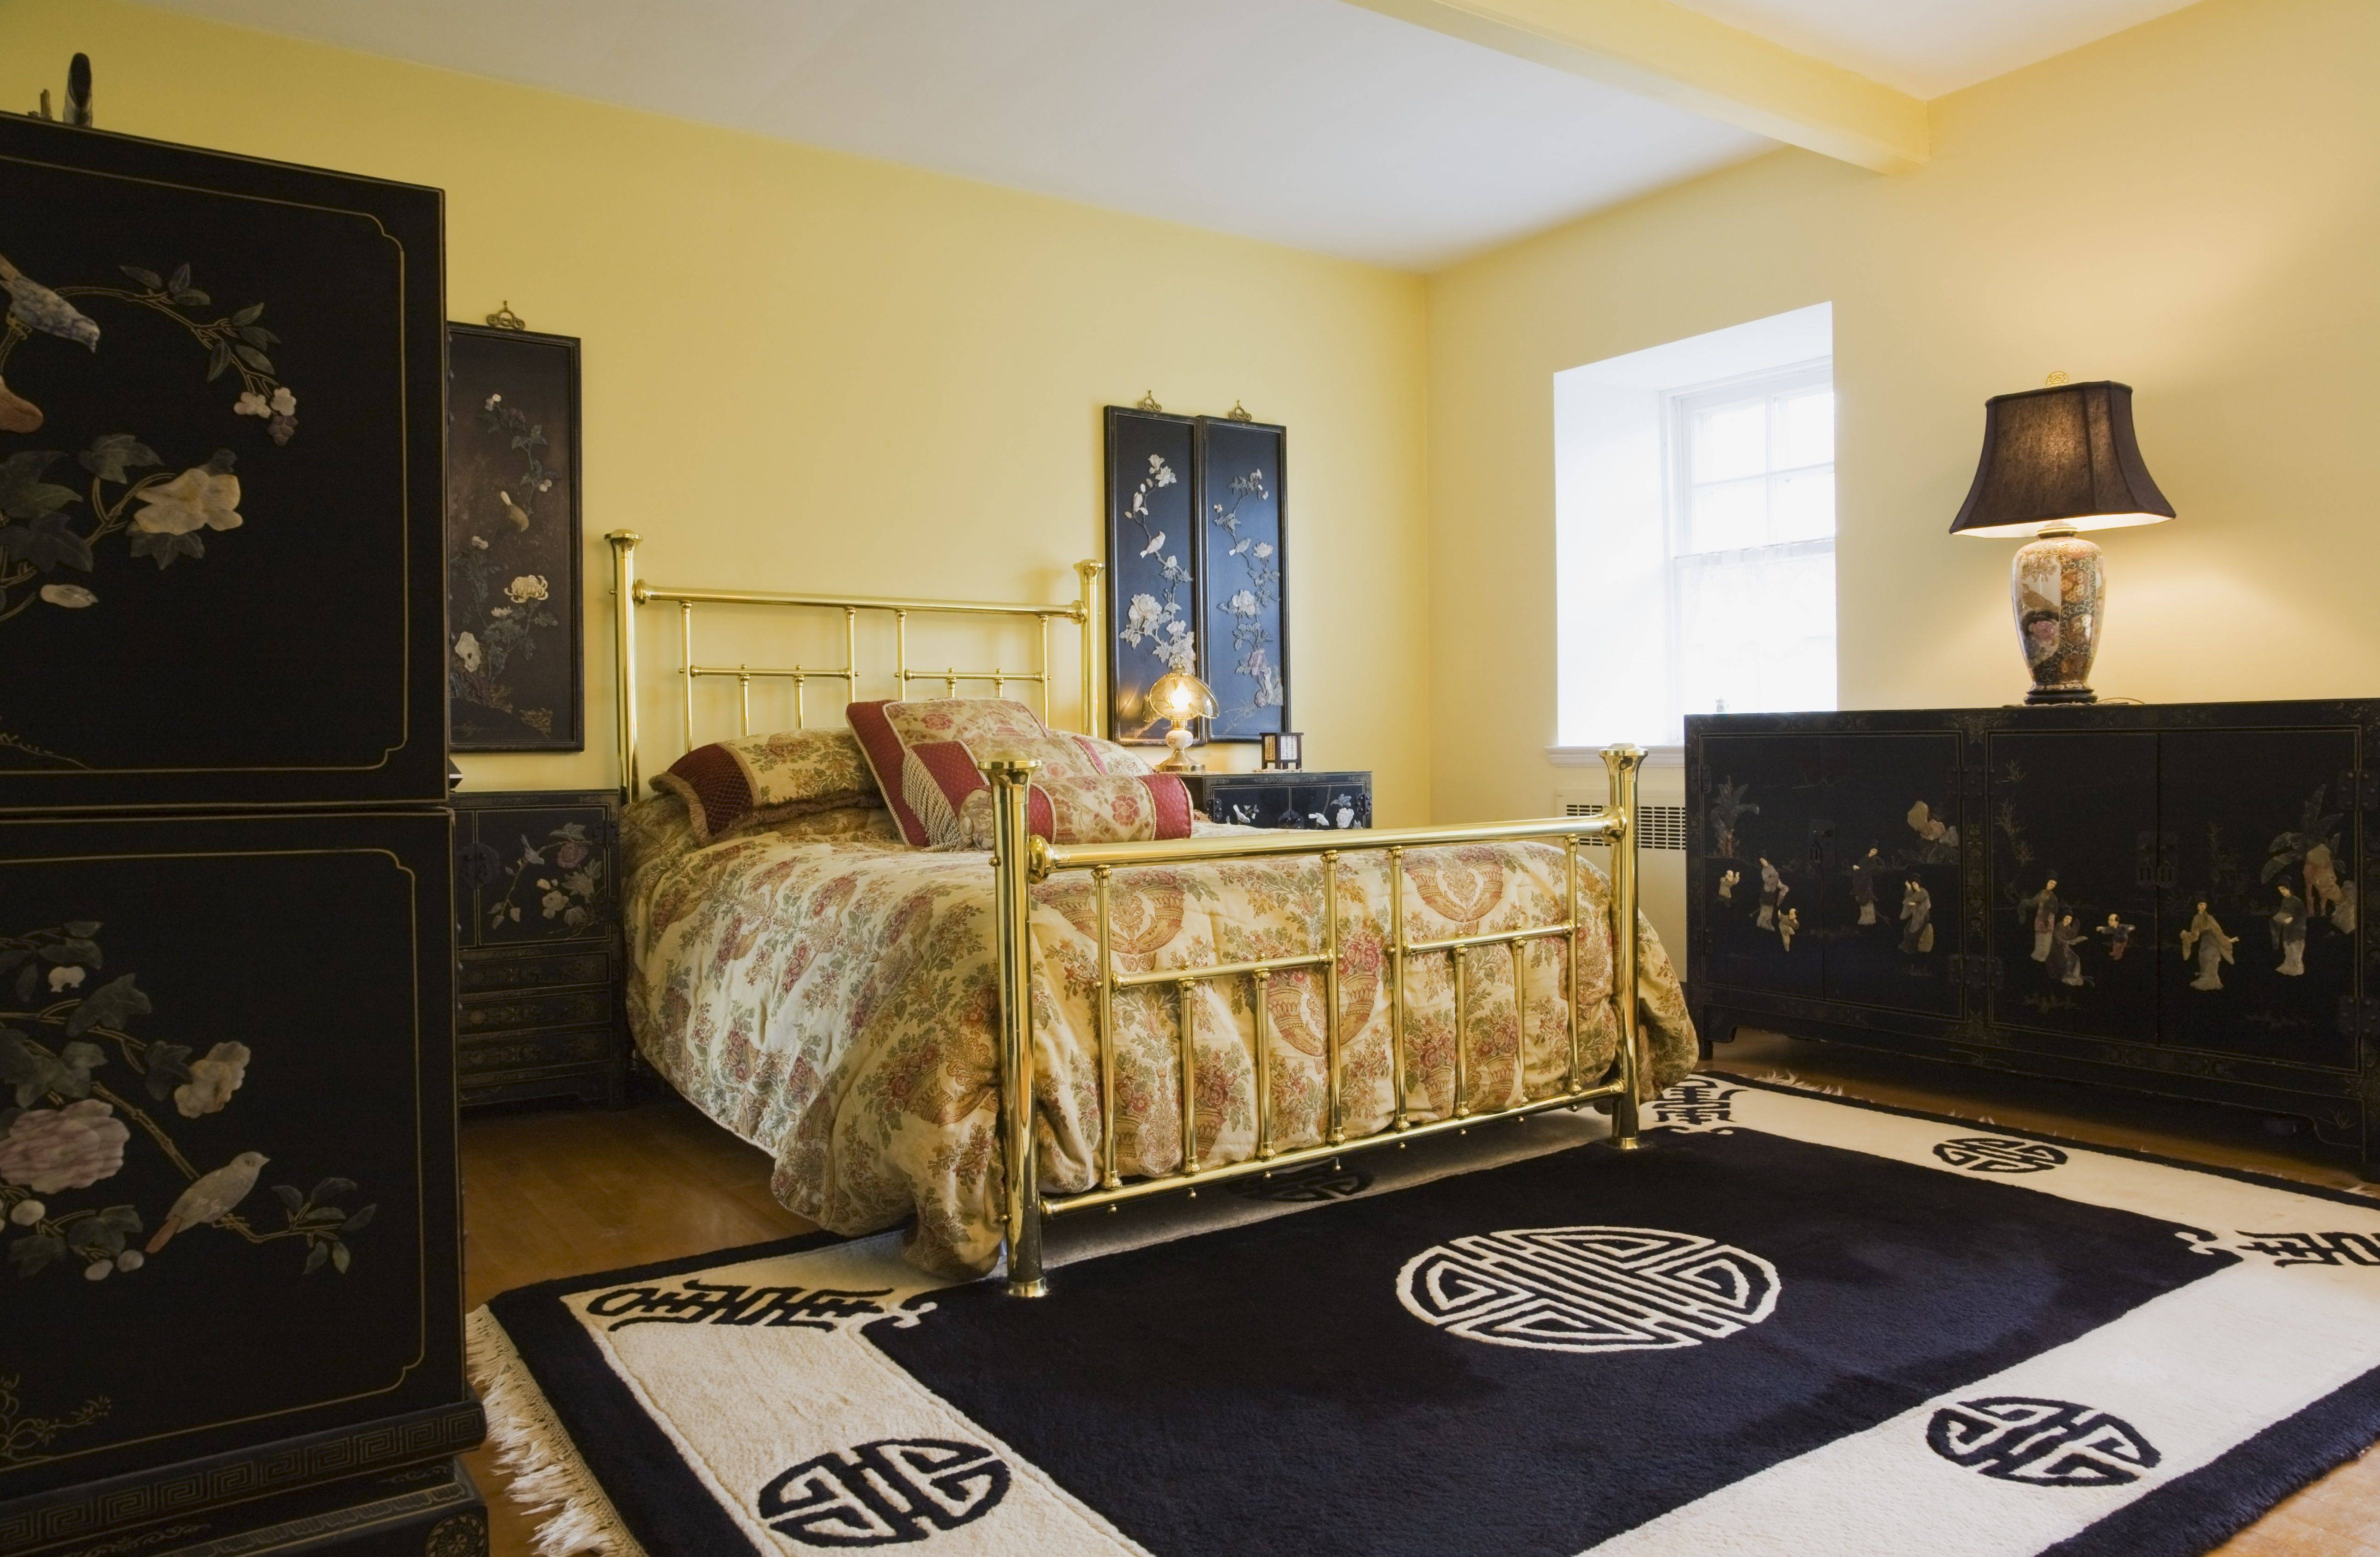 asian bedroom 56a08d685f9b58eba4b1813e